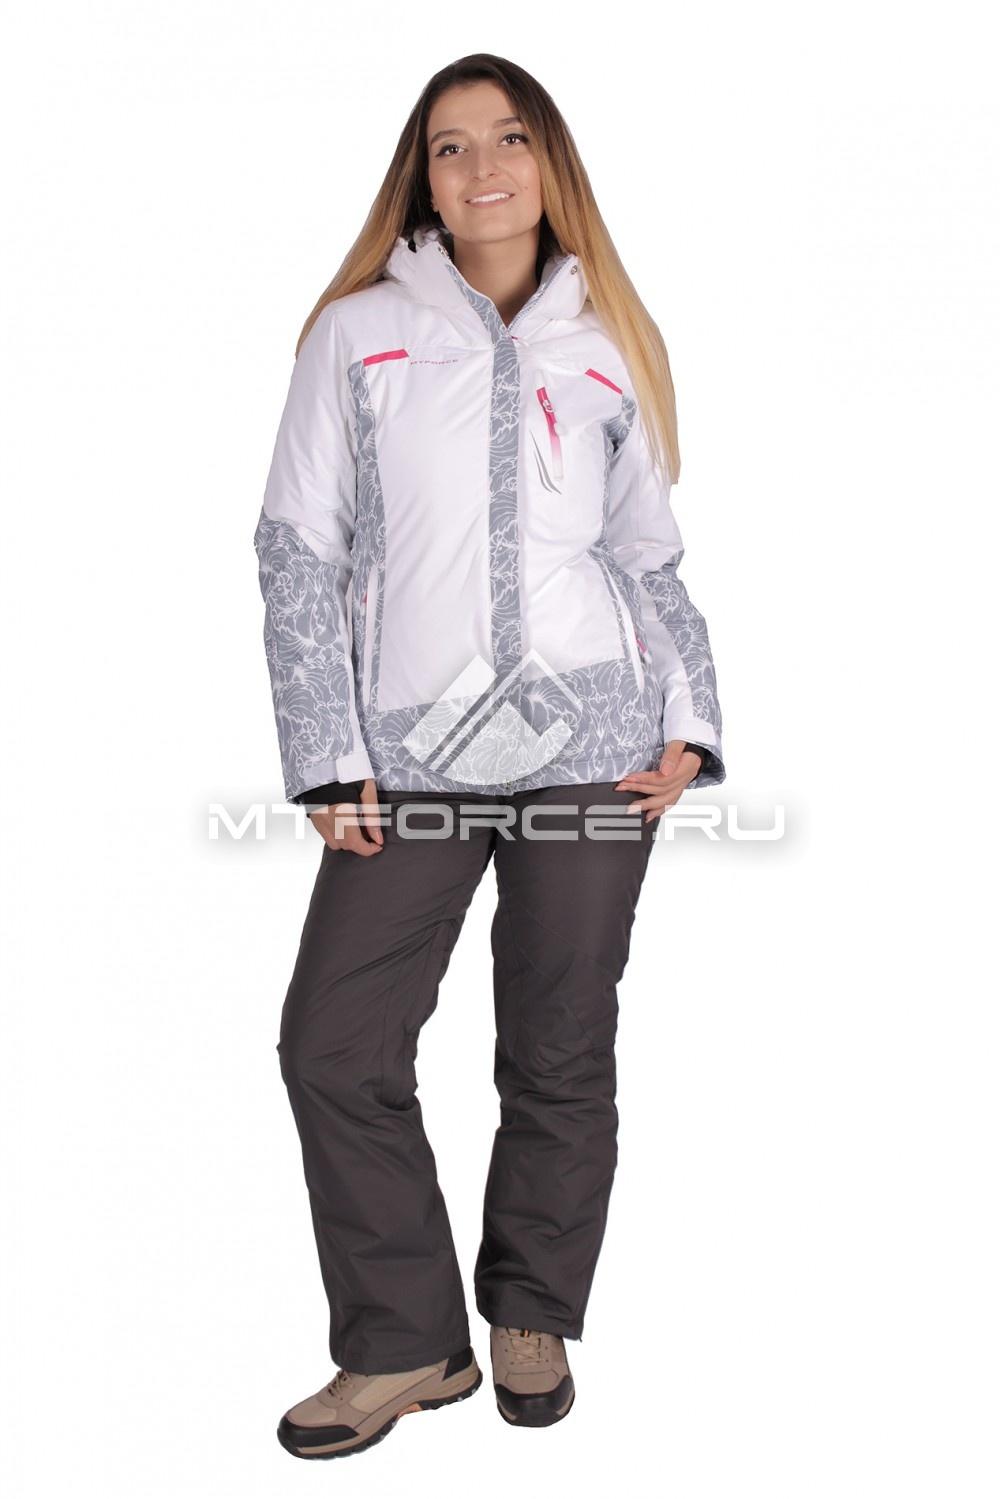 Купить                                  оптом Костюм горнолыжный женский белого цвета 01621Bl